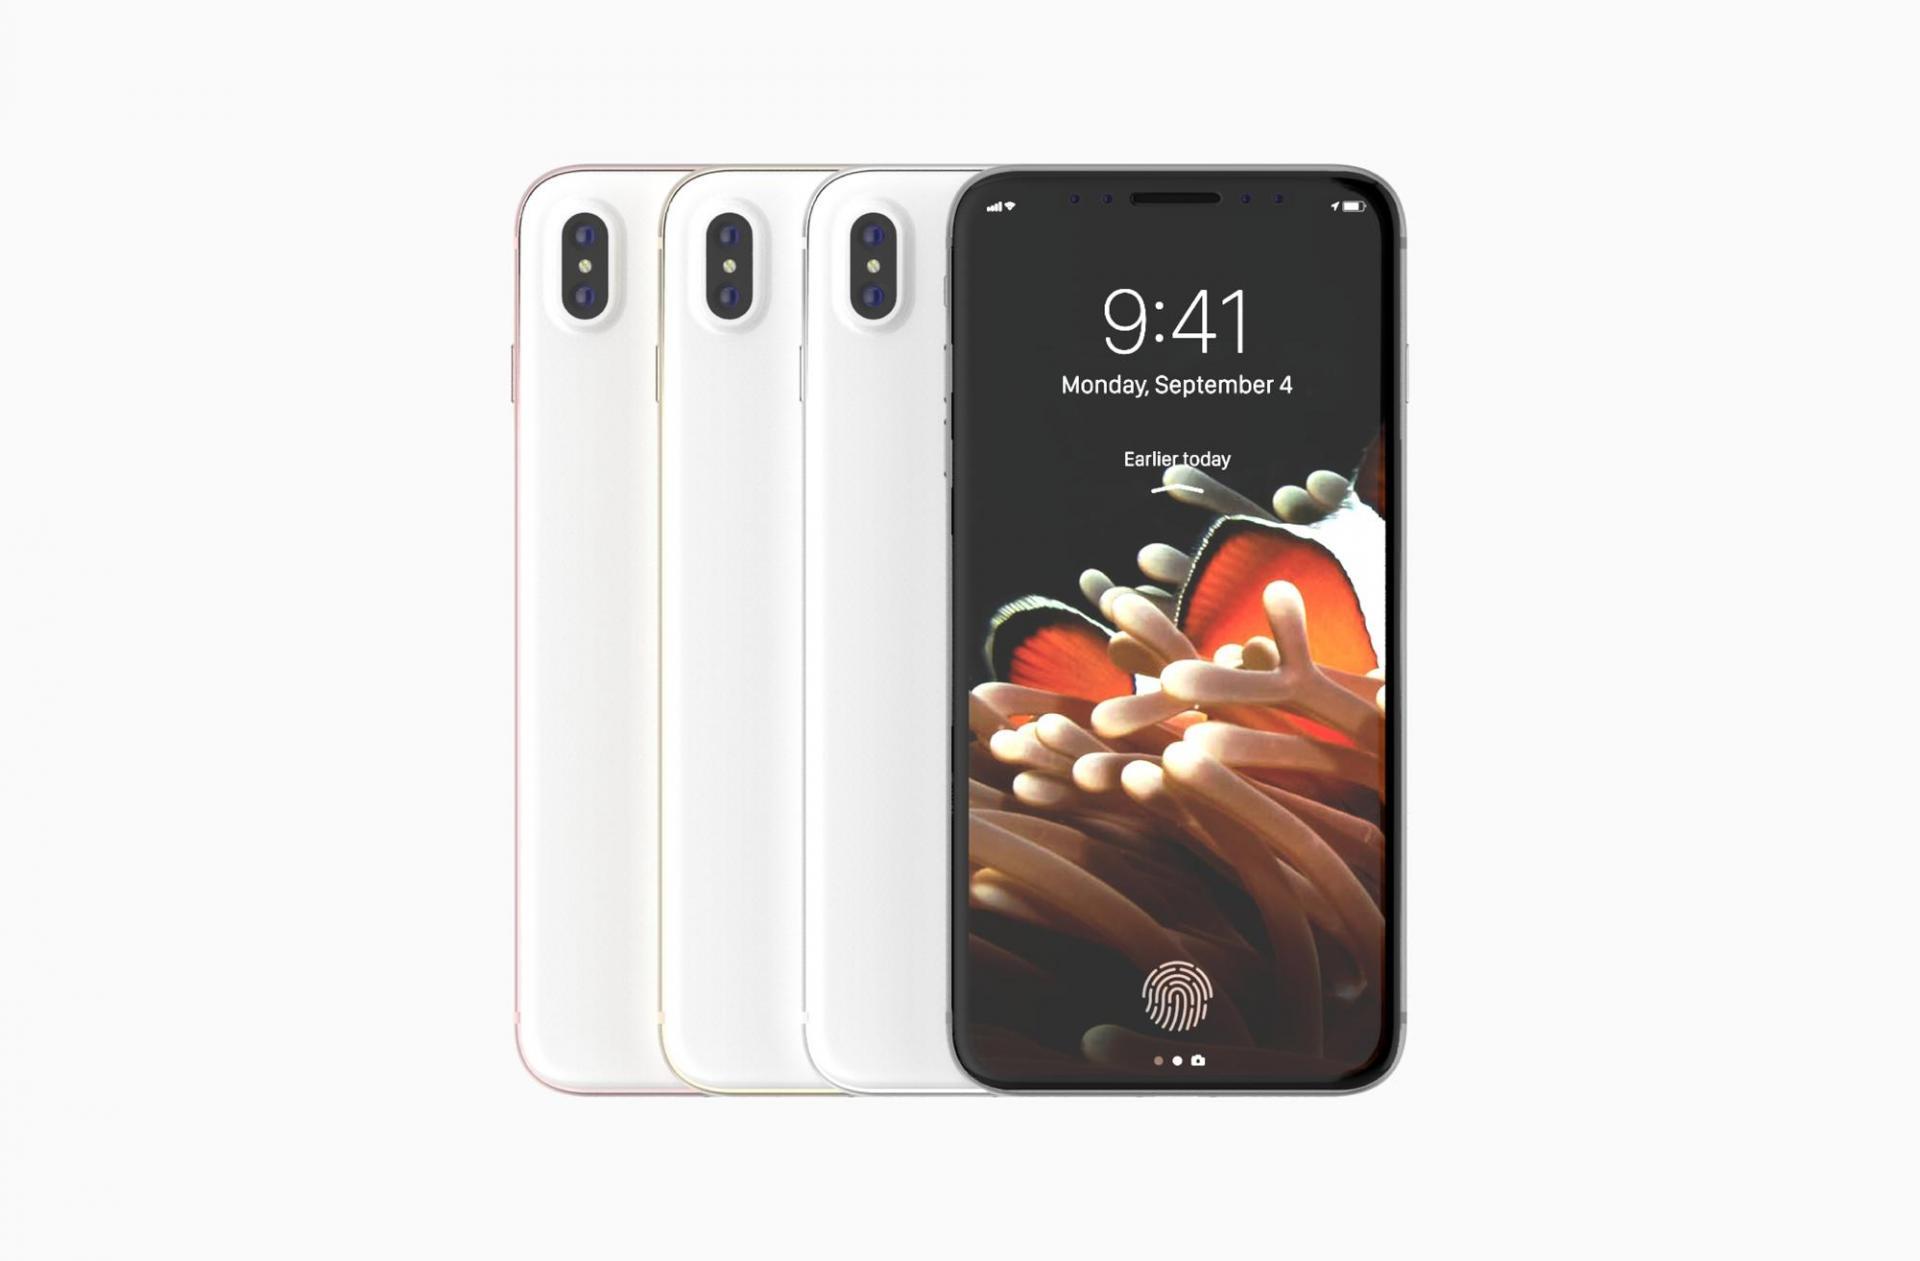 Китайцы выпустили свойiPhone 8 раньше Apple